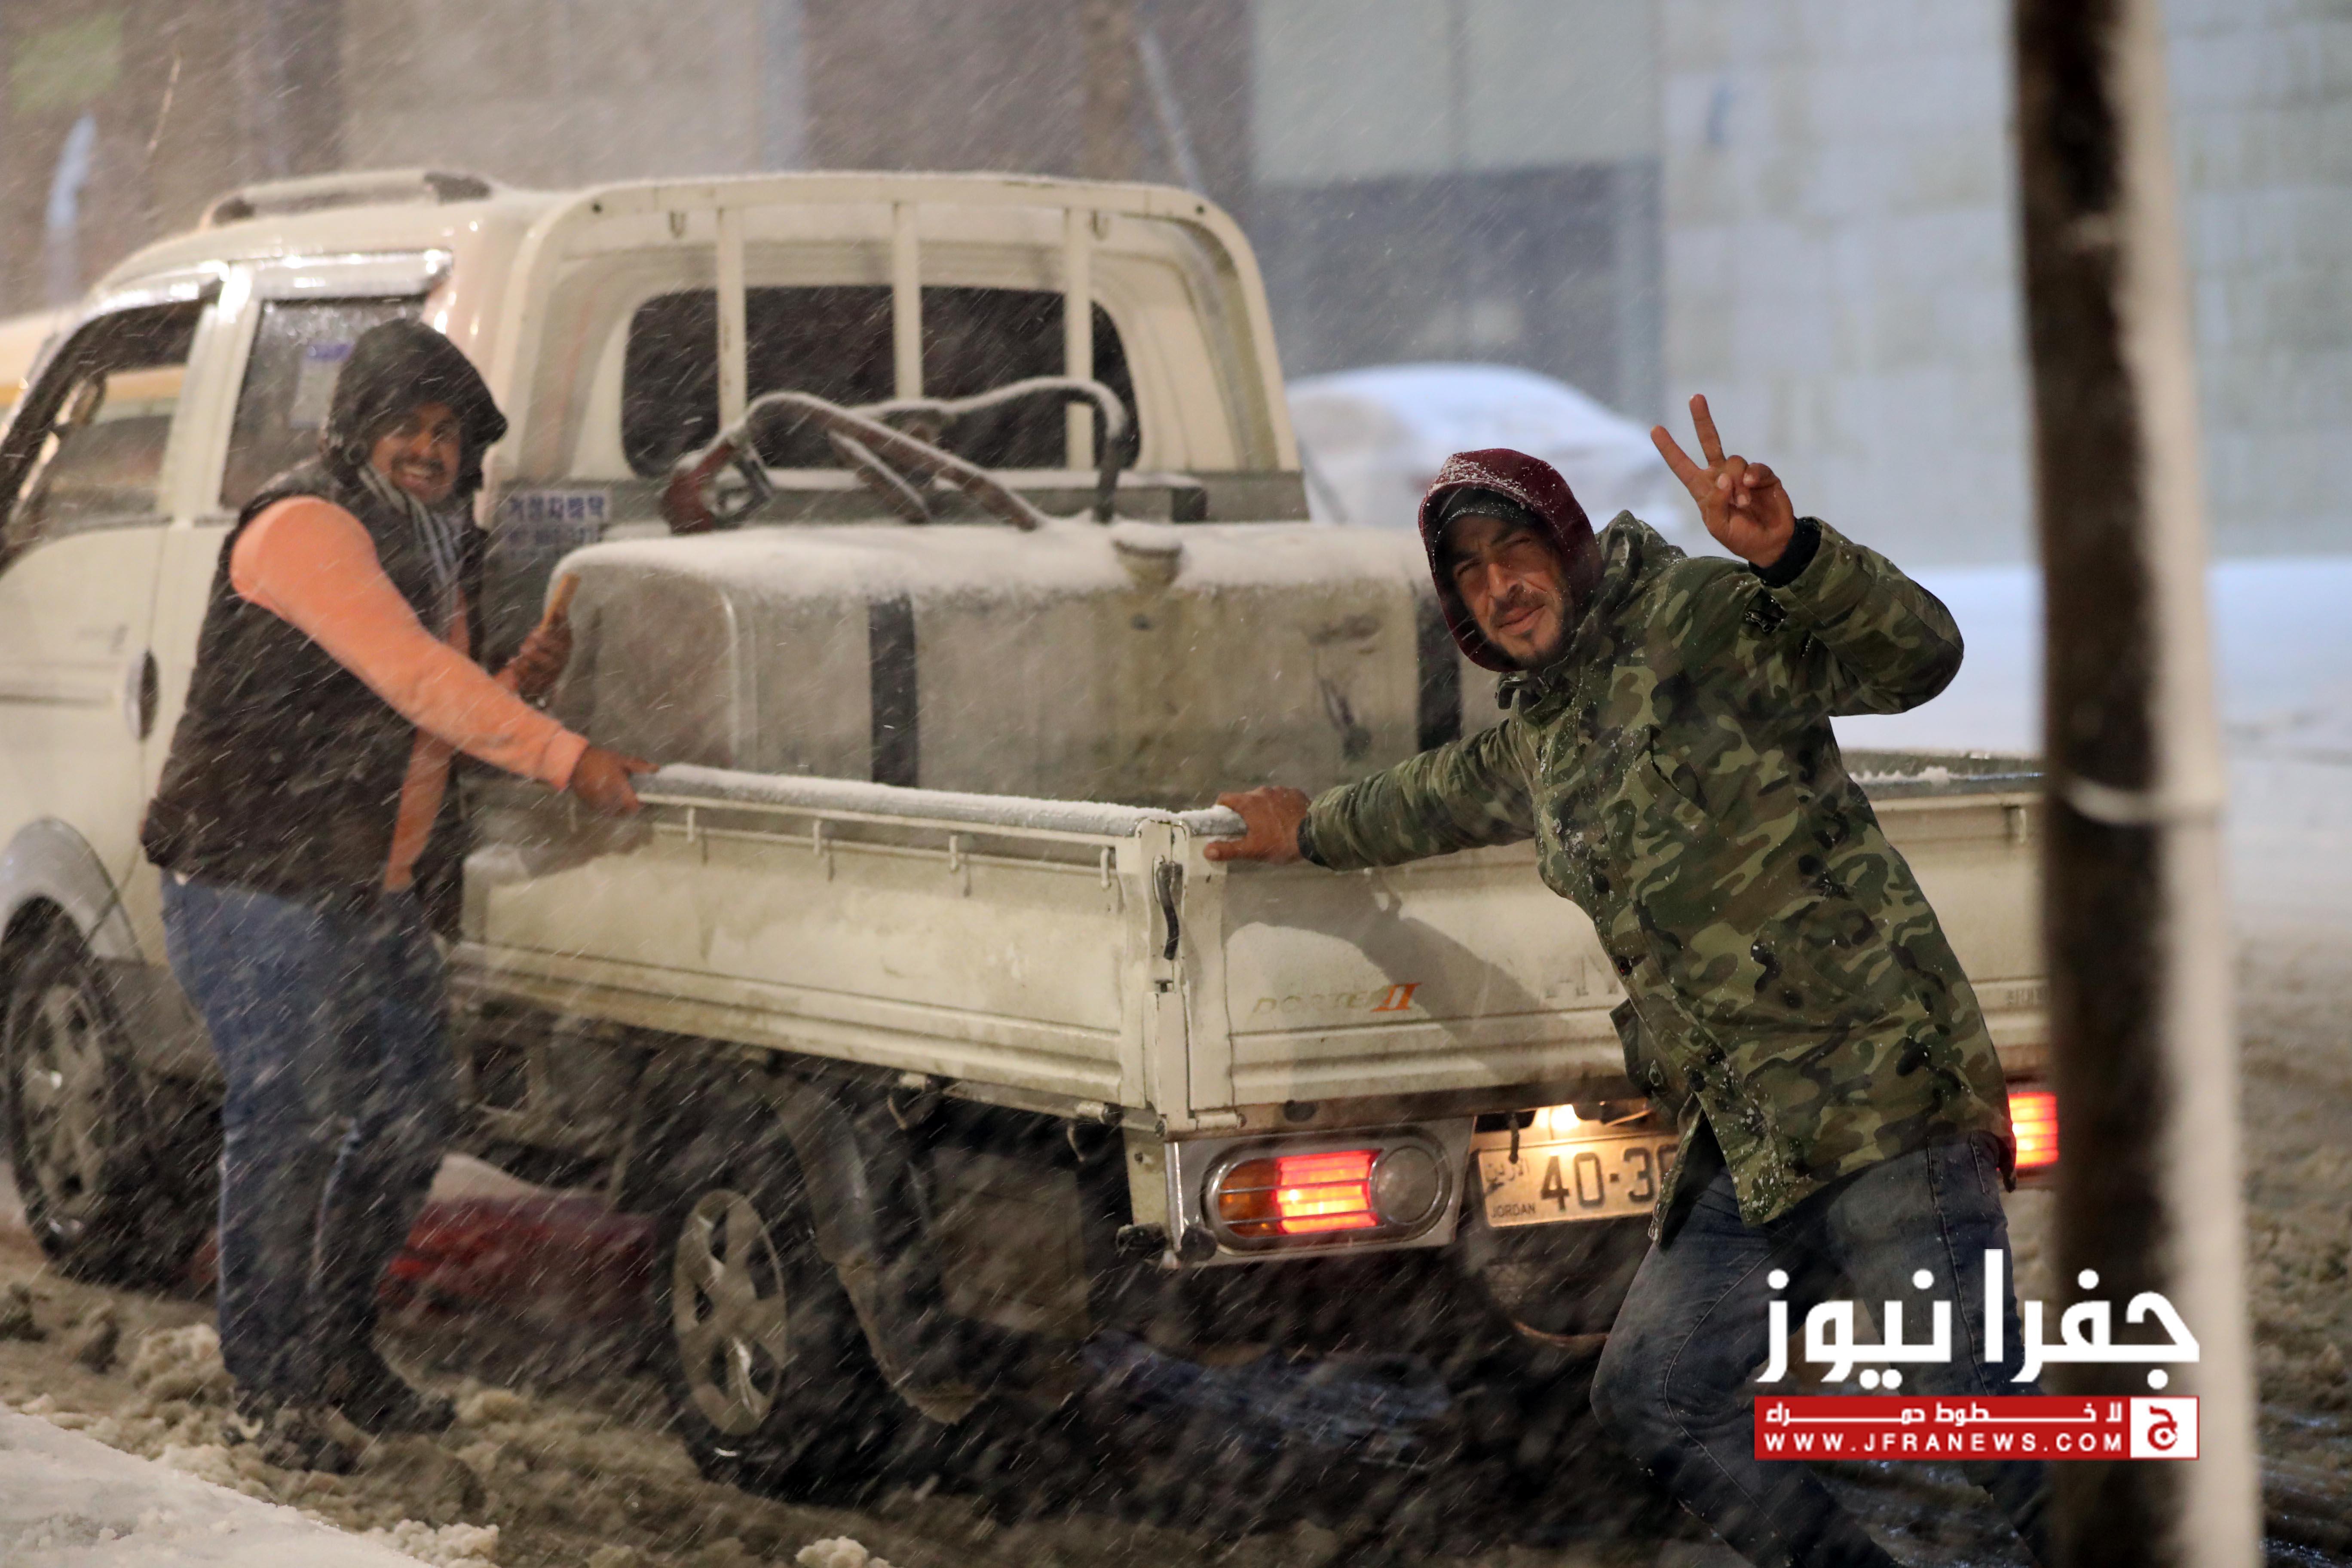 بالصور و الفيديو .. مركبات عالقة في عمان و تساقط كثيف للثلوج